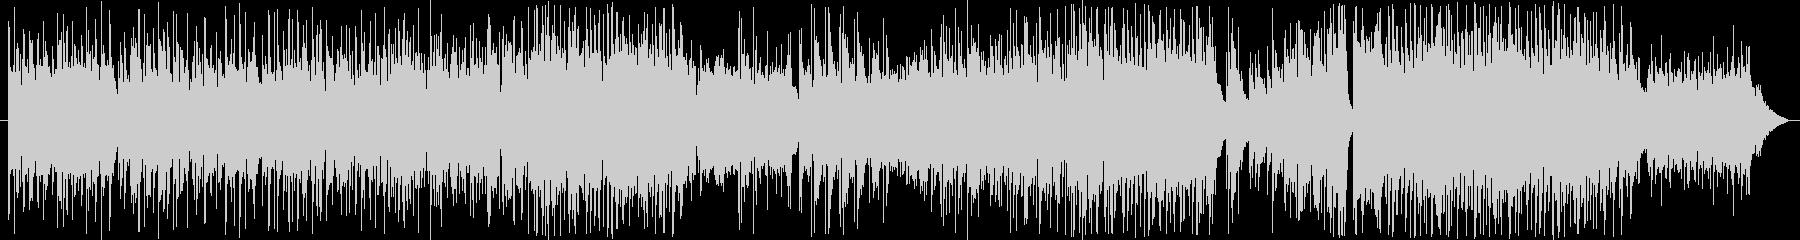 拍子が変化していく、シリアスな曲の未再生の波形